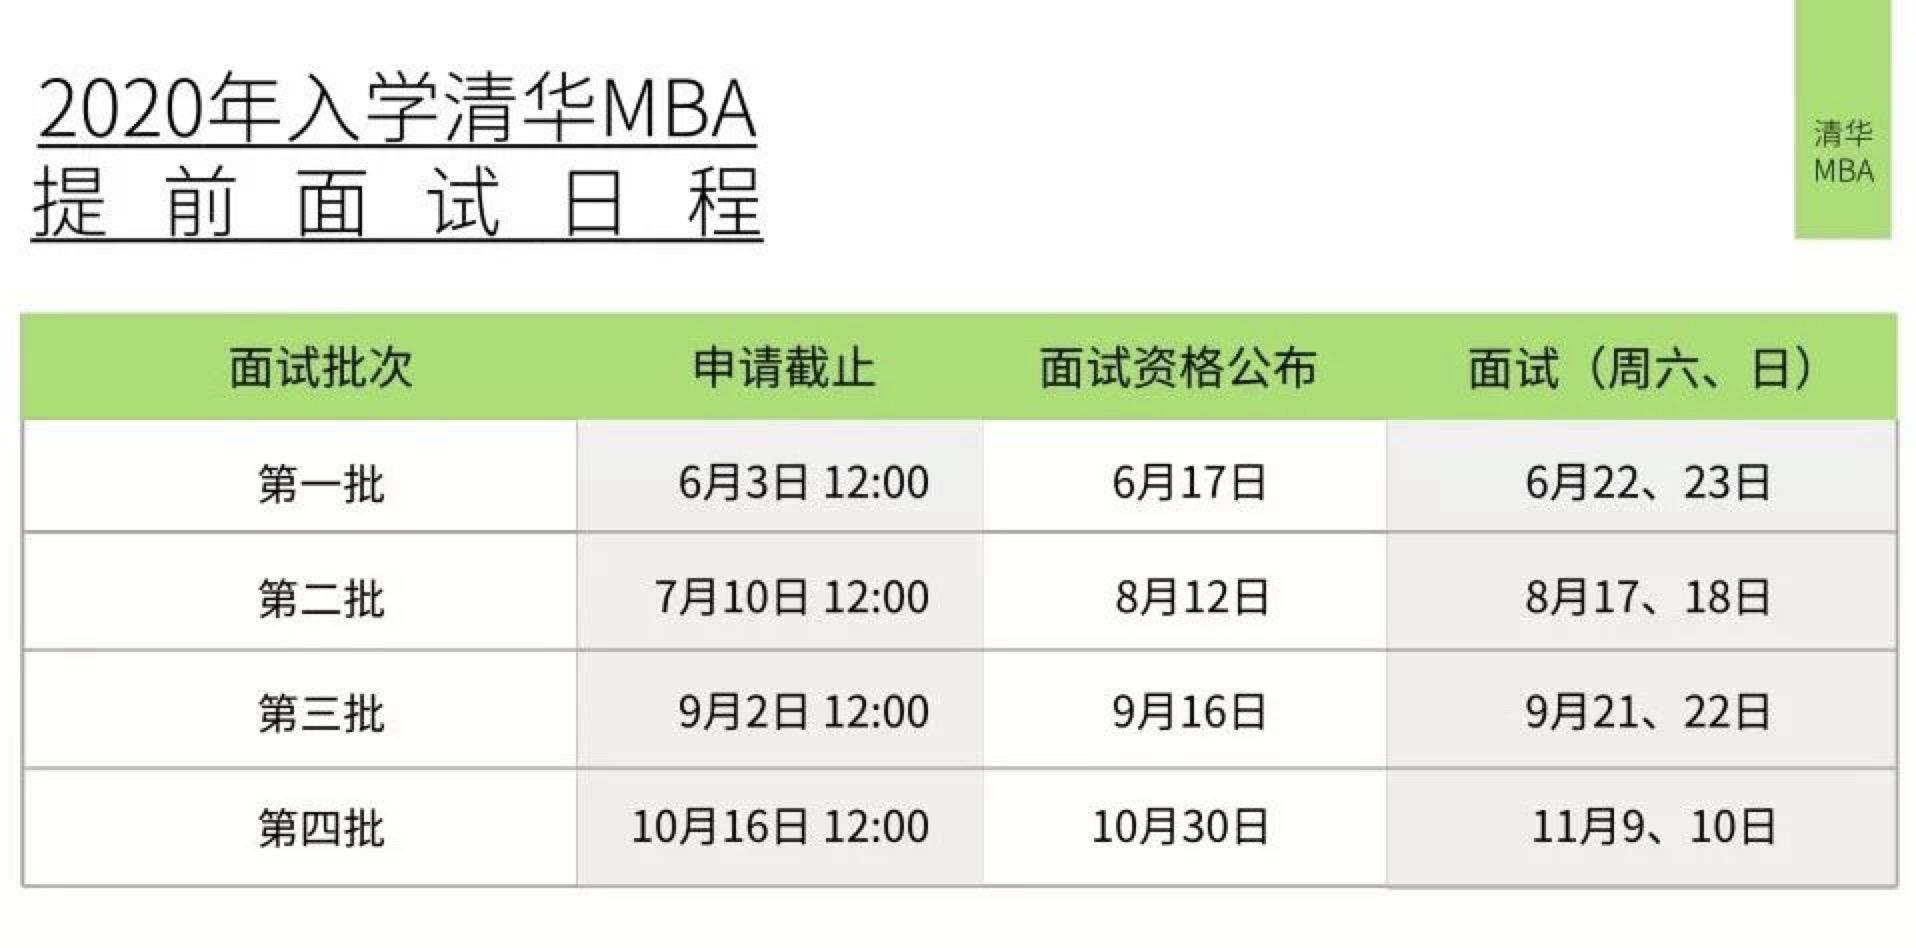 清华MBA申请系统开放,6月3日第一批提交材料